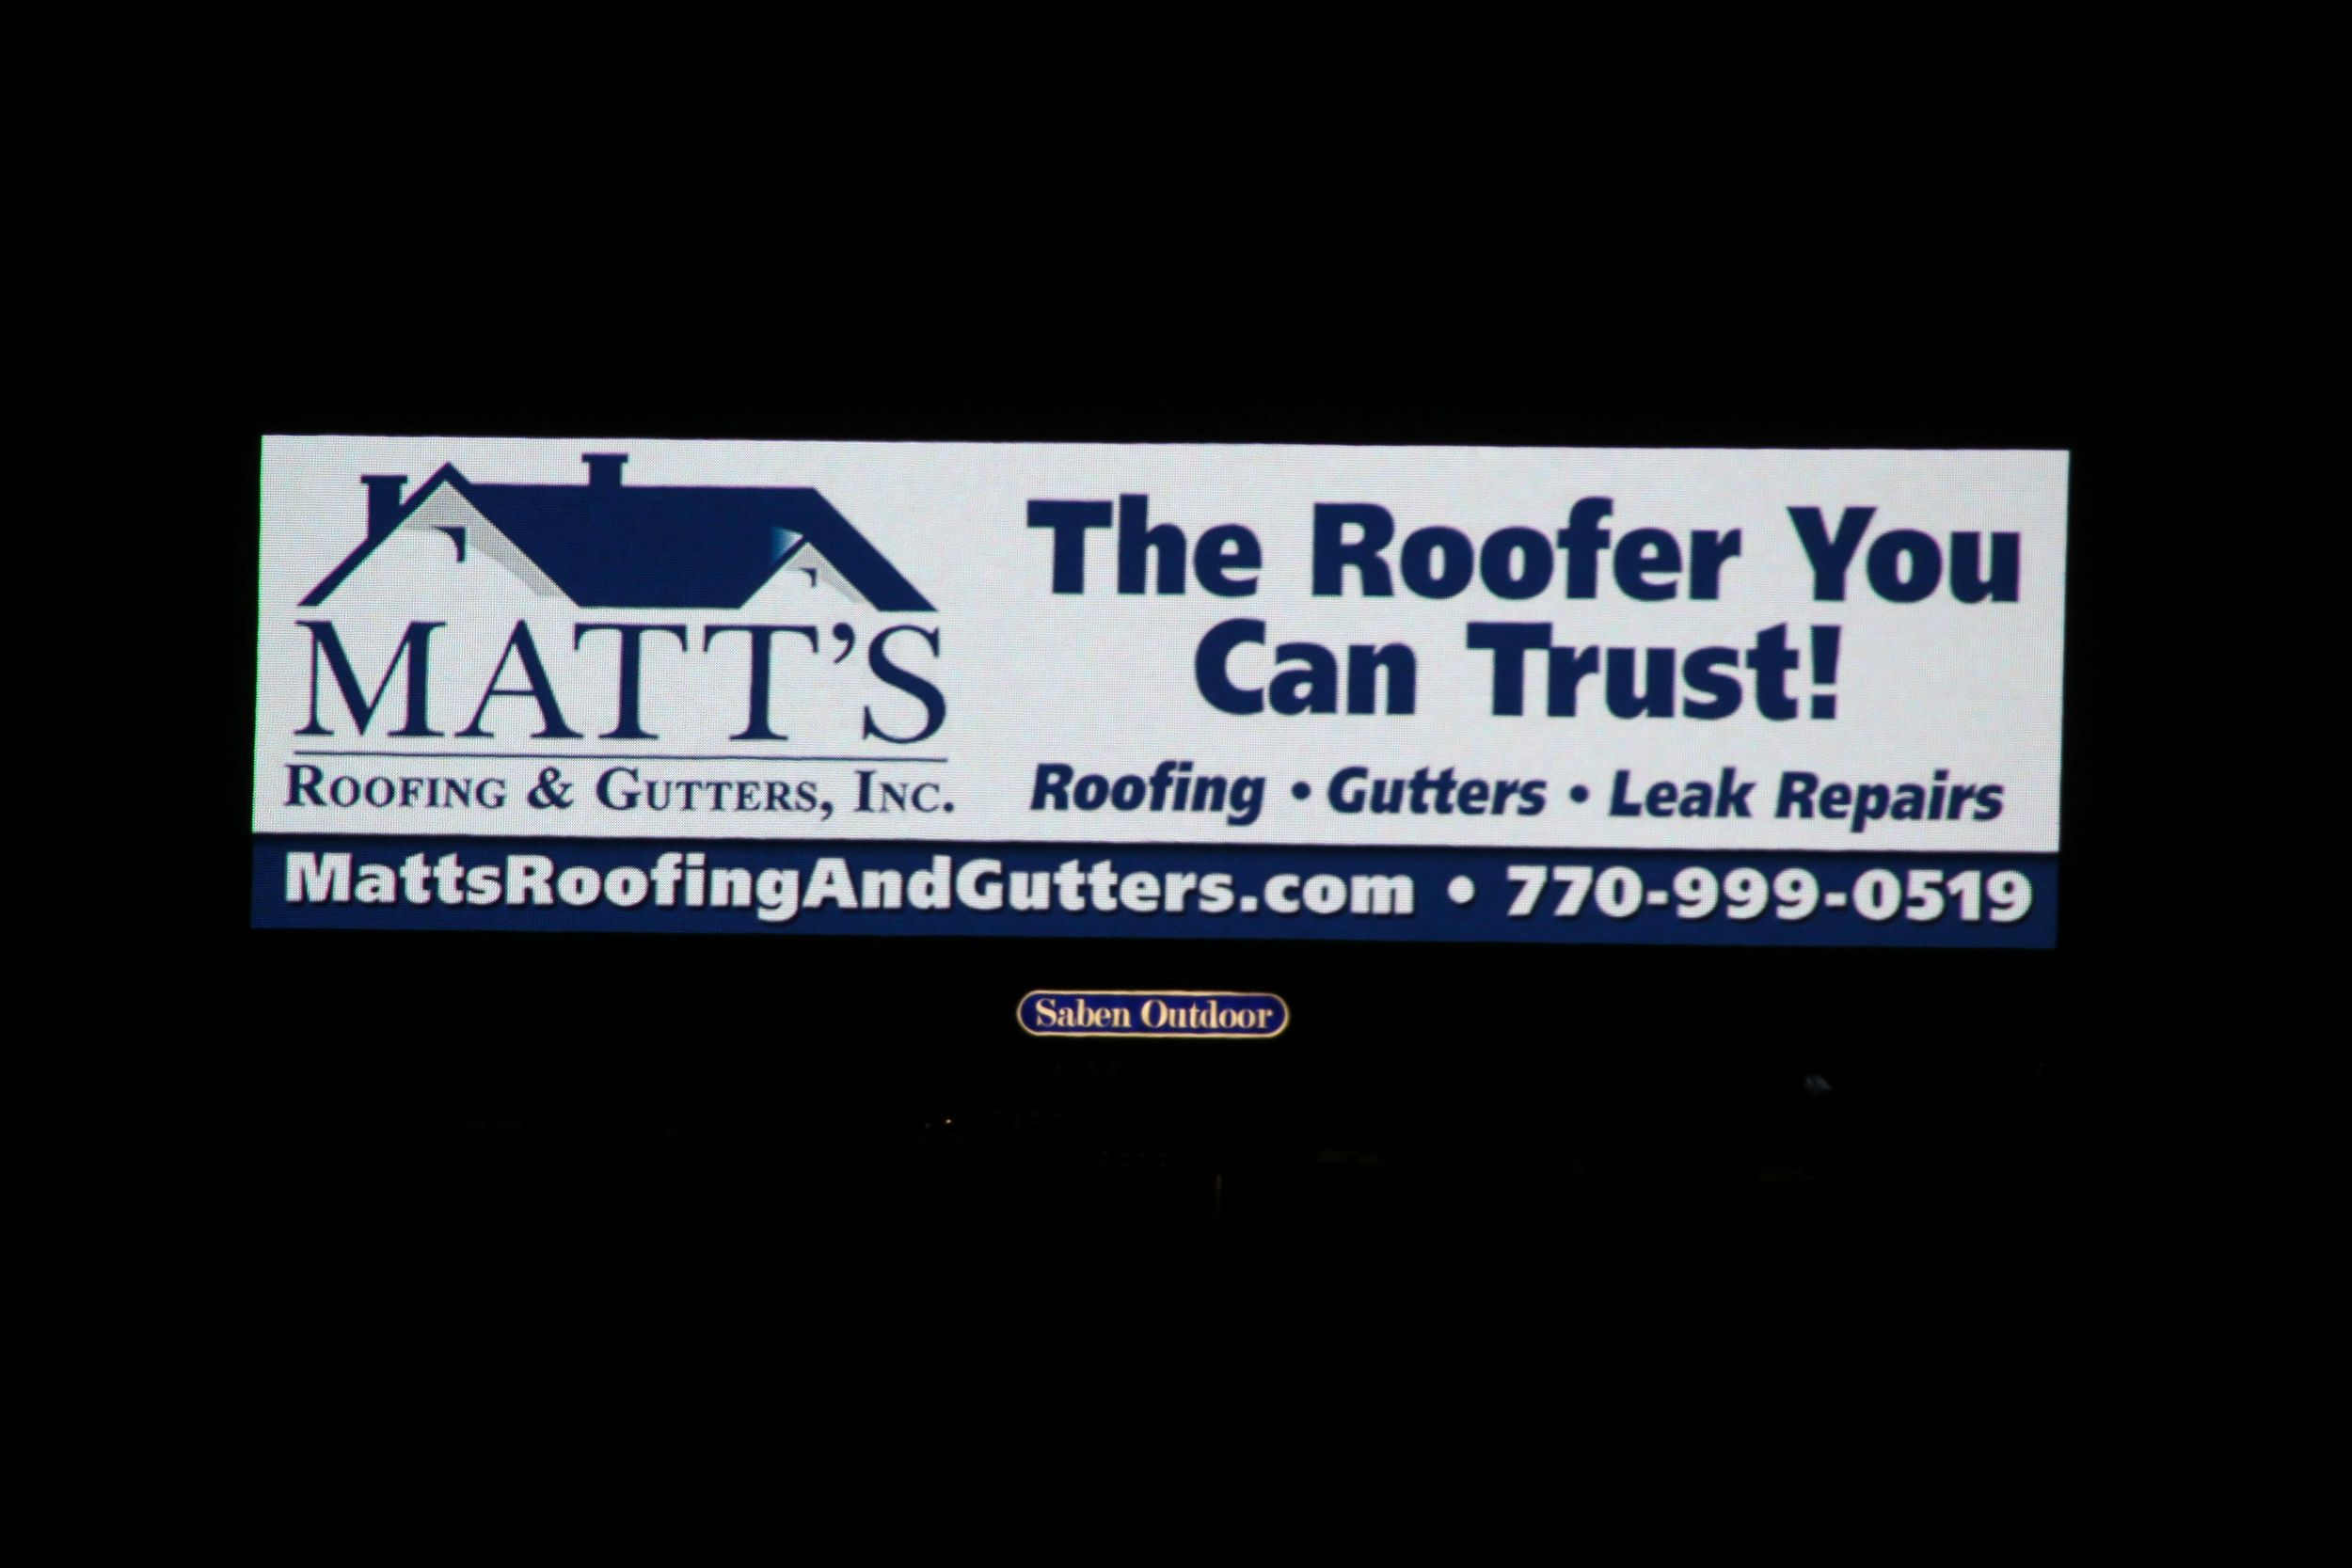 digitalmatt'sroofing12-14.jpg